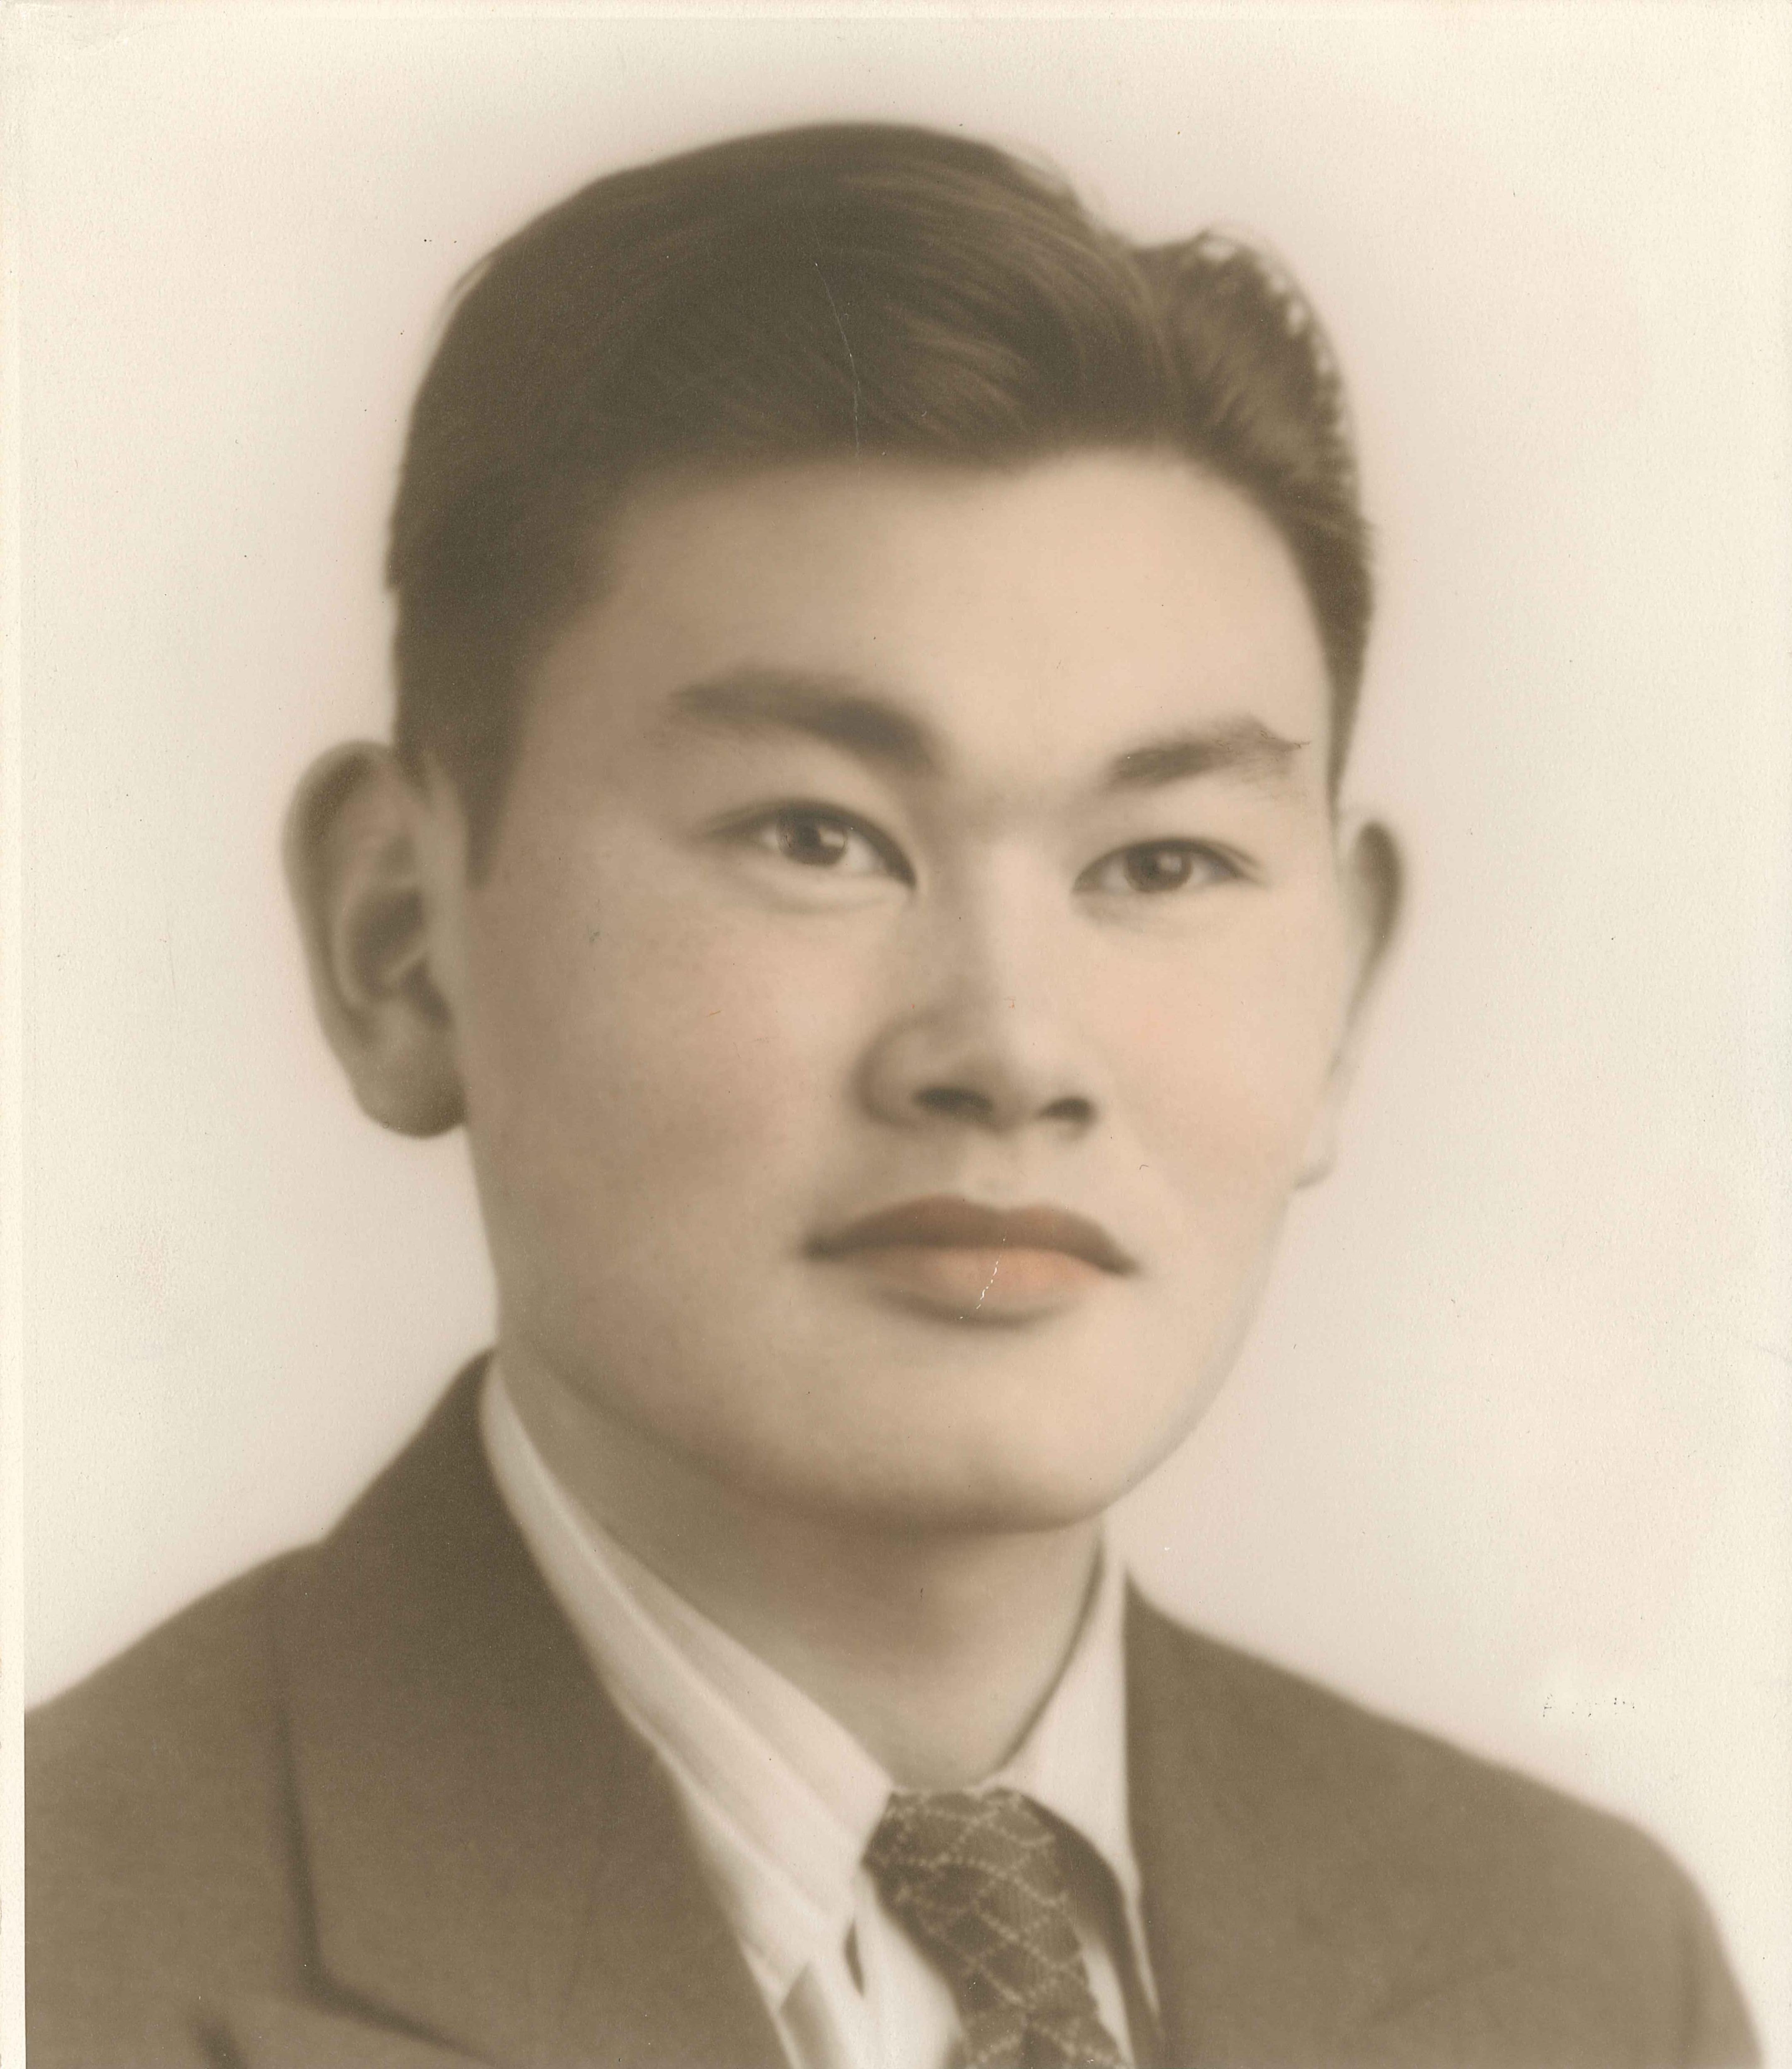 Fred Korematsu - PHOTO COURTESY OF KAREN KOREMATSU AND THE KOREMATSU INSTITUTE.